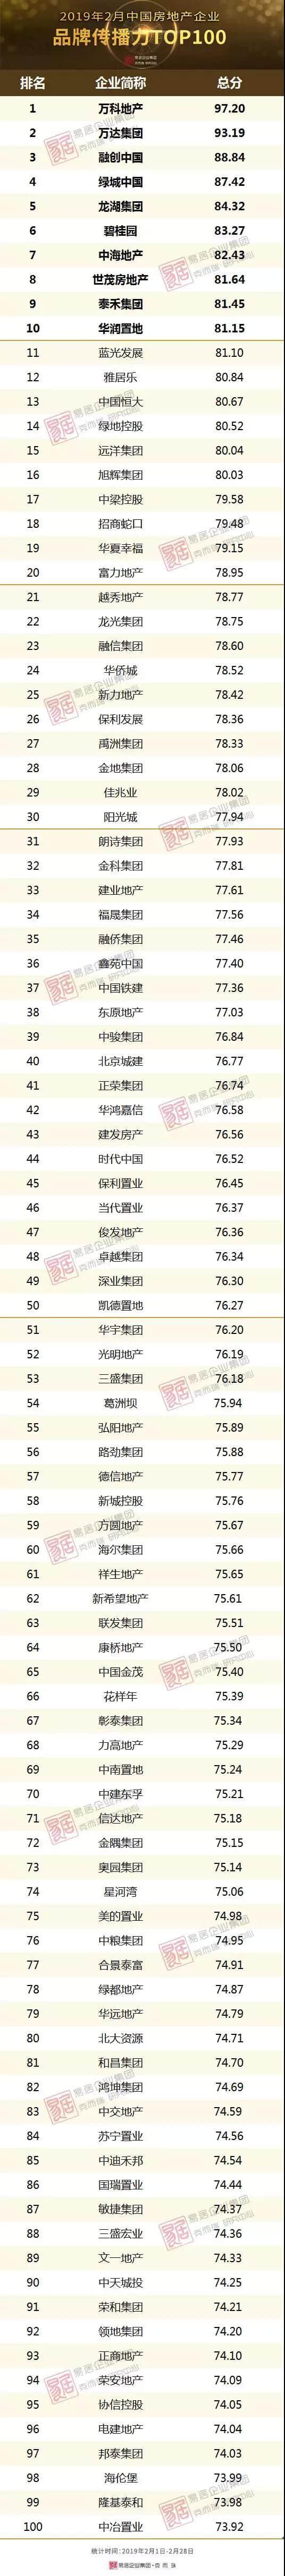 2019年2月中国房地产企业品牌传播力TOP100